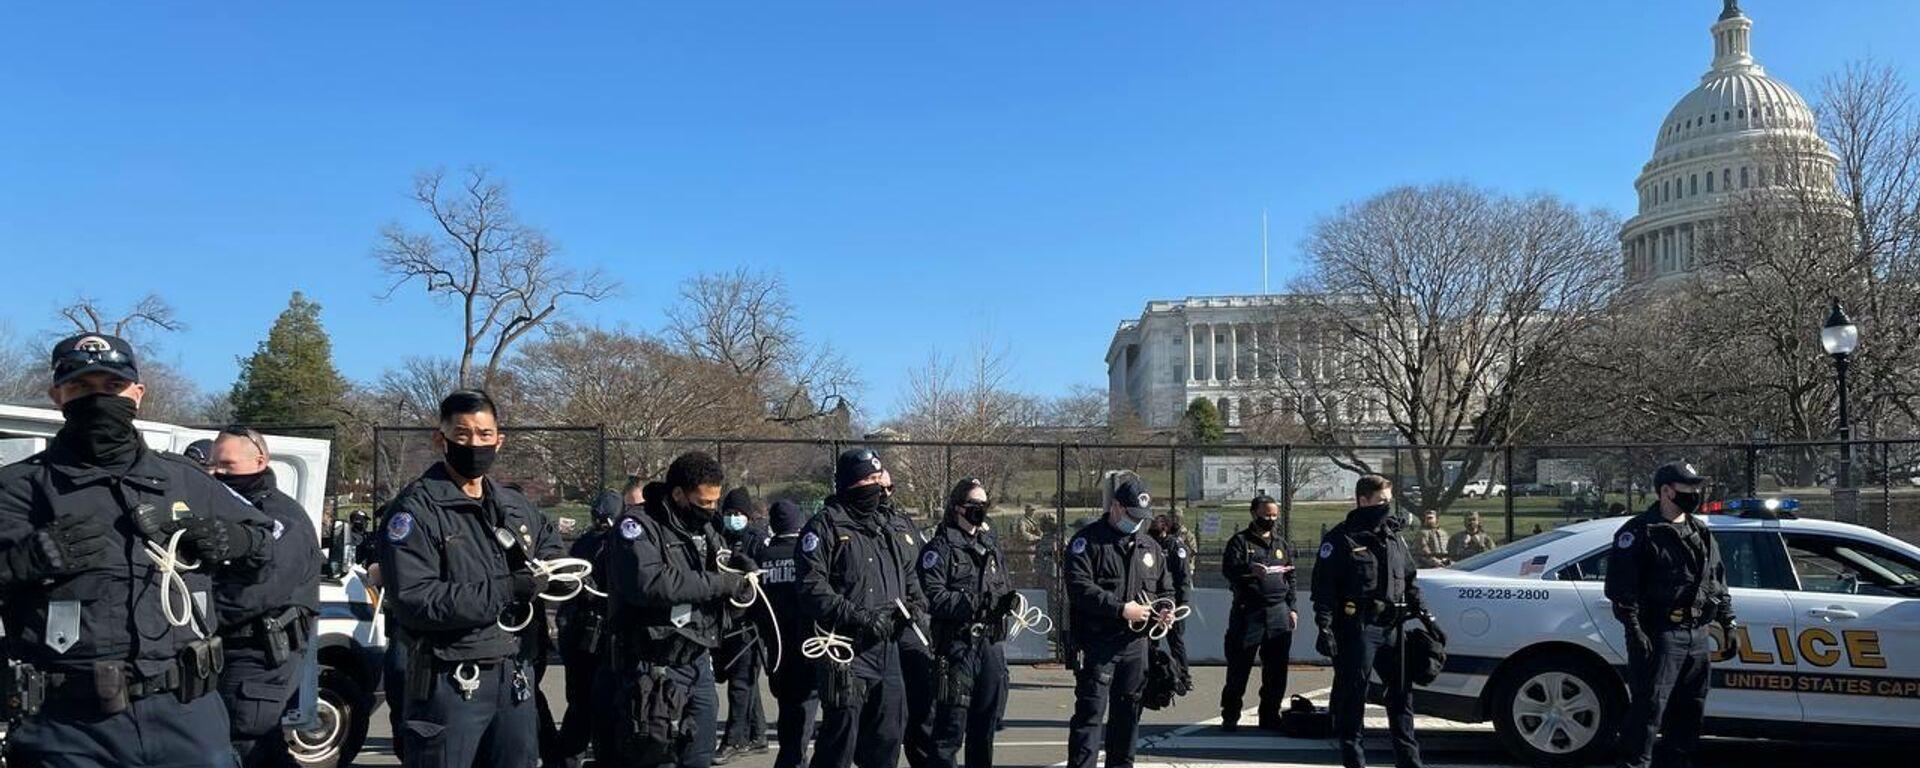 US-Polizeibeamten vor dem US-Kapitol (Archivbild) - SNA, 1920, 31.03.2021